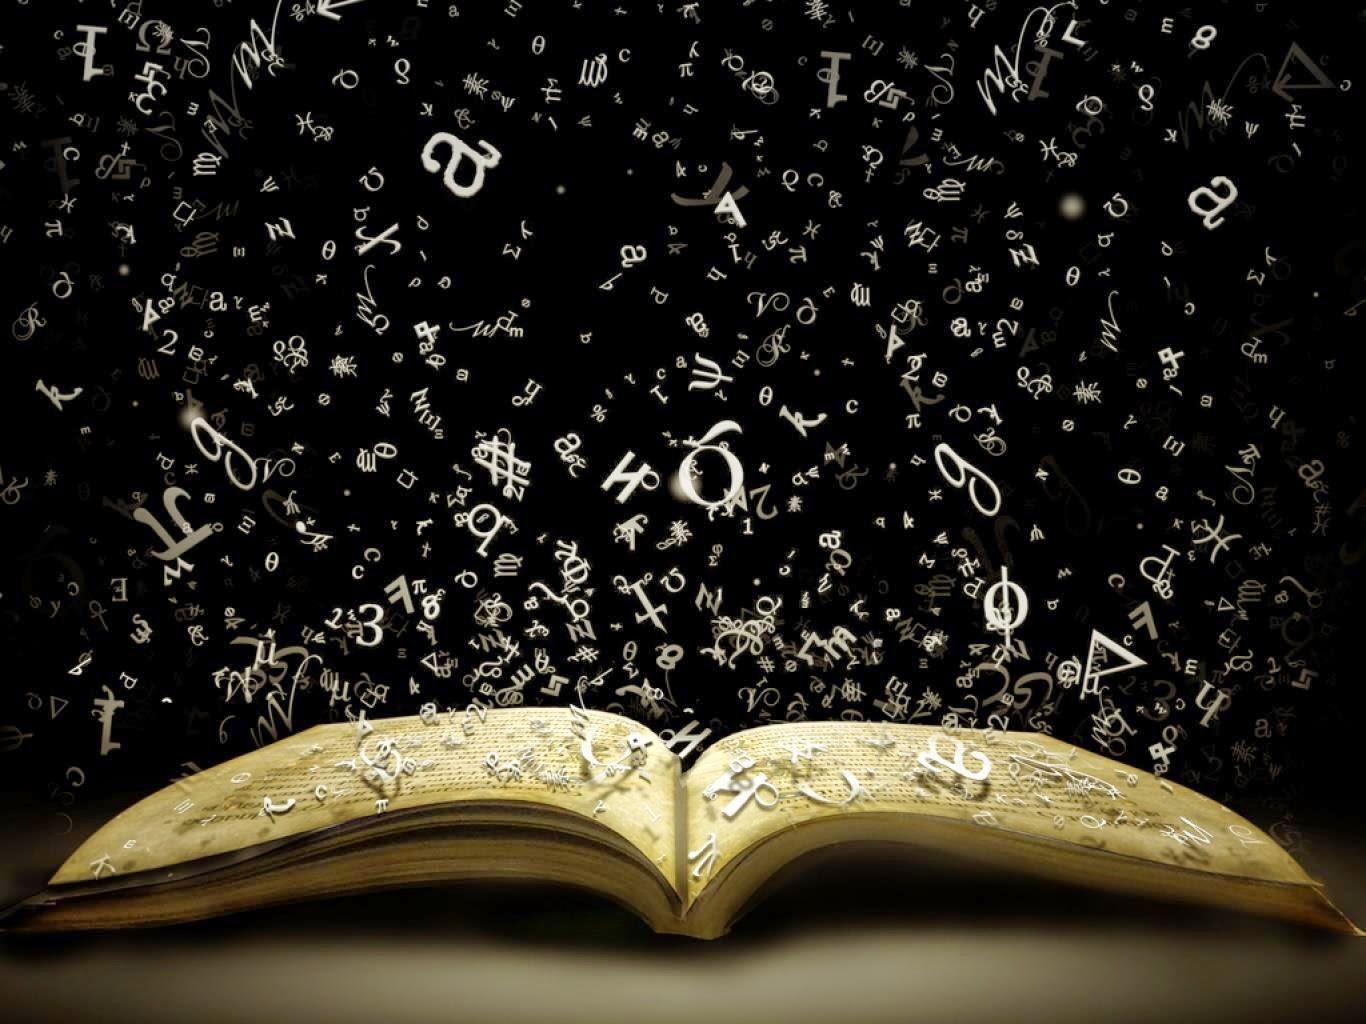 http://lecturaboscos.blogspot.com.es/2015/03/dia-mundial-de-la-poesia.html